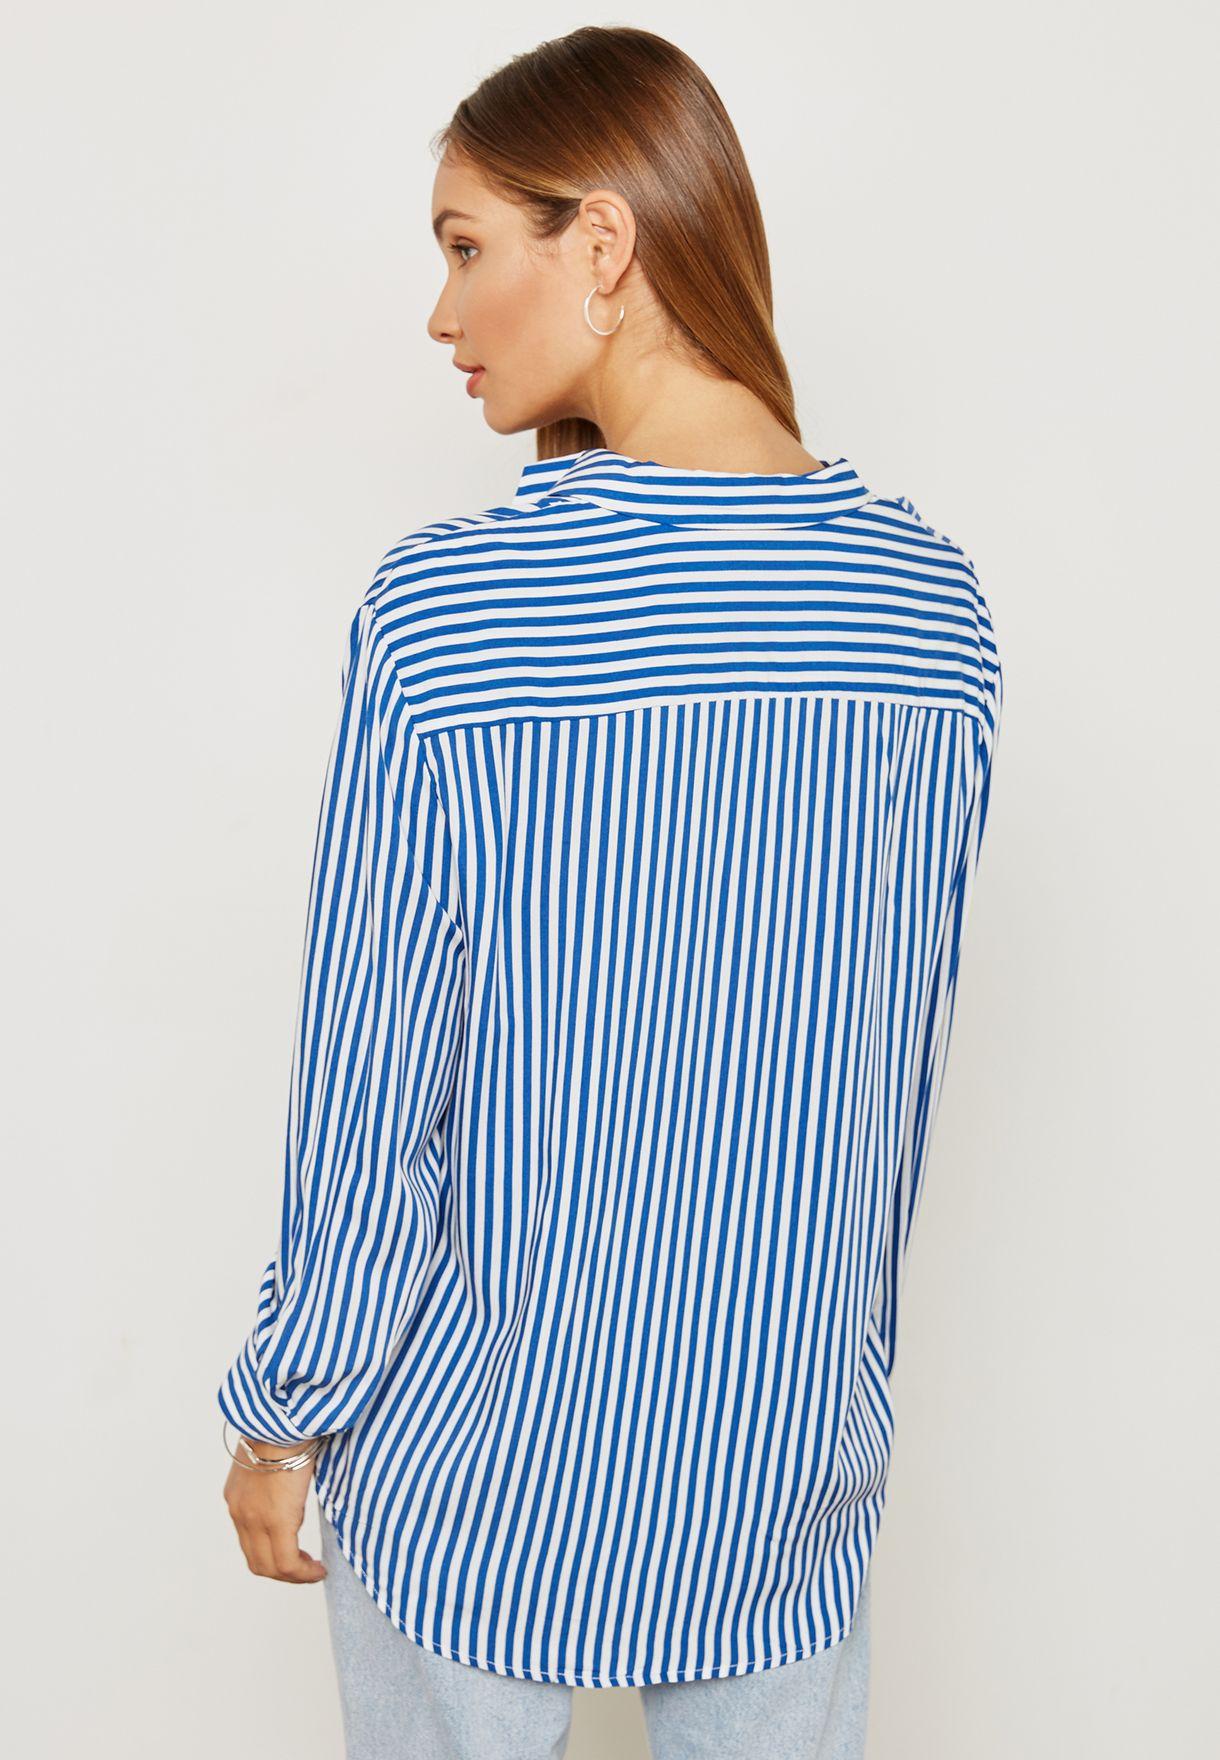 Striped Split Neck Top